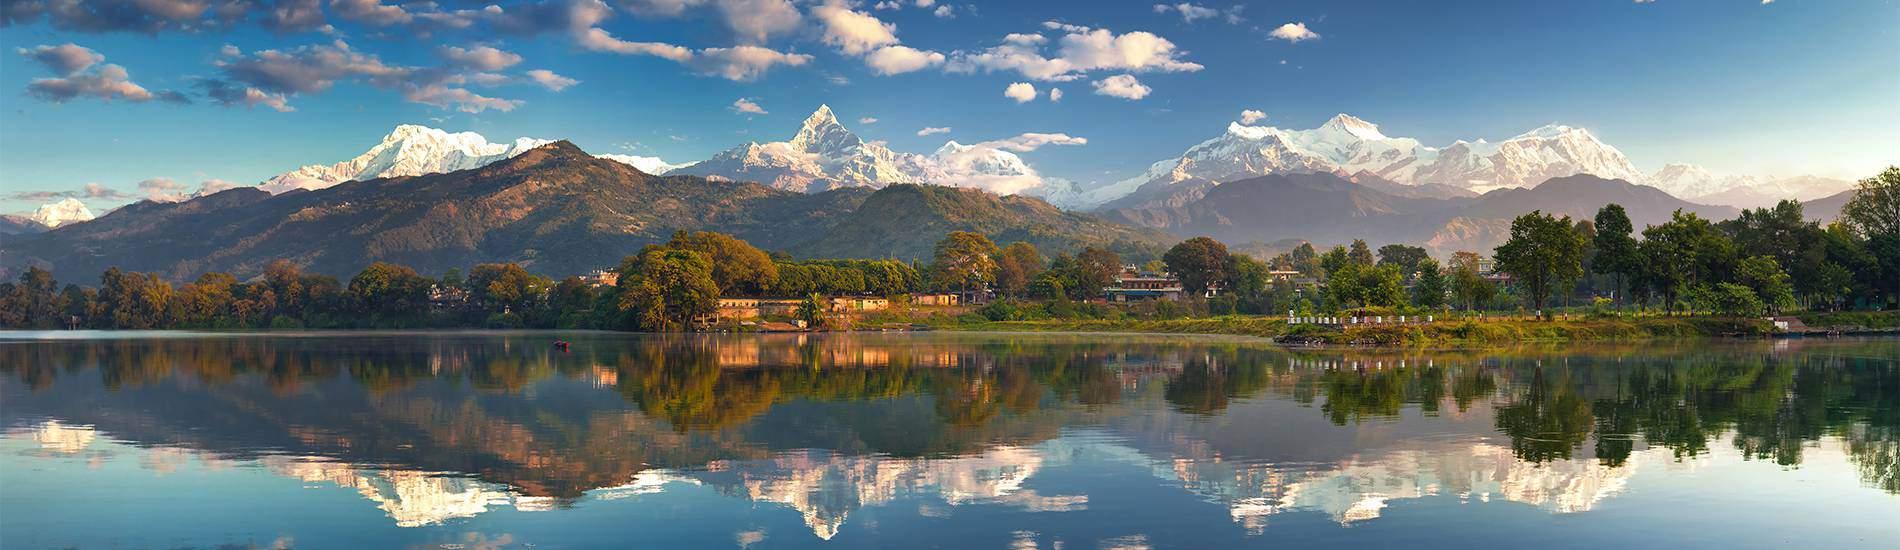 安娜普爾納群峰